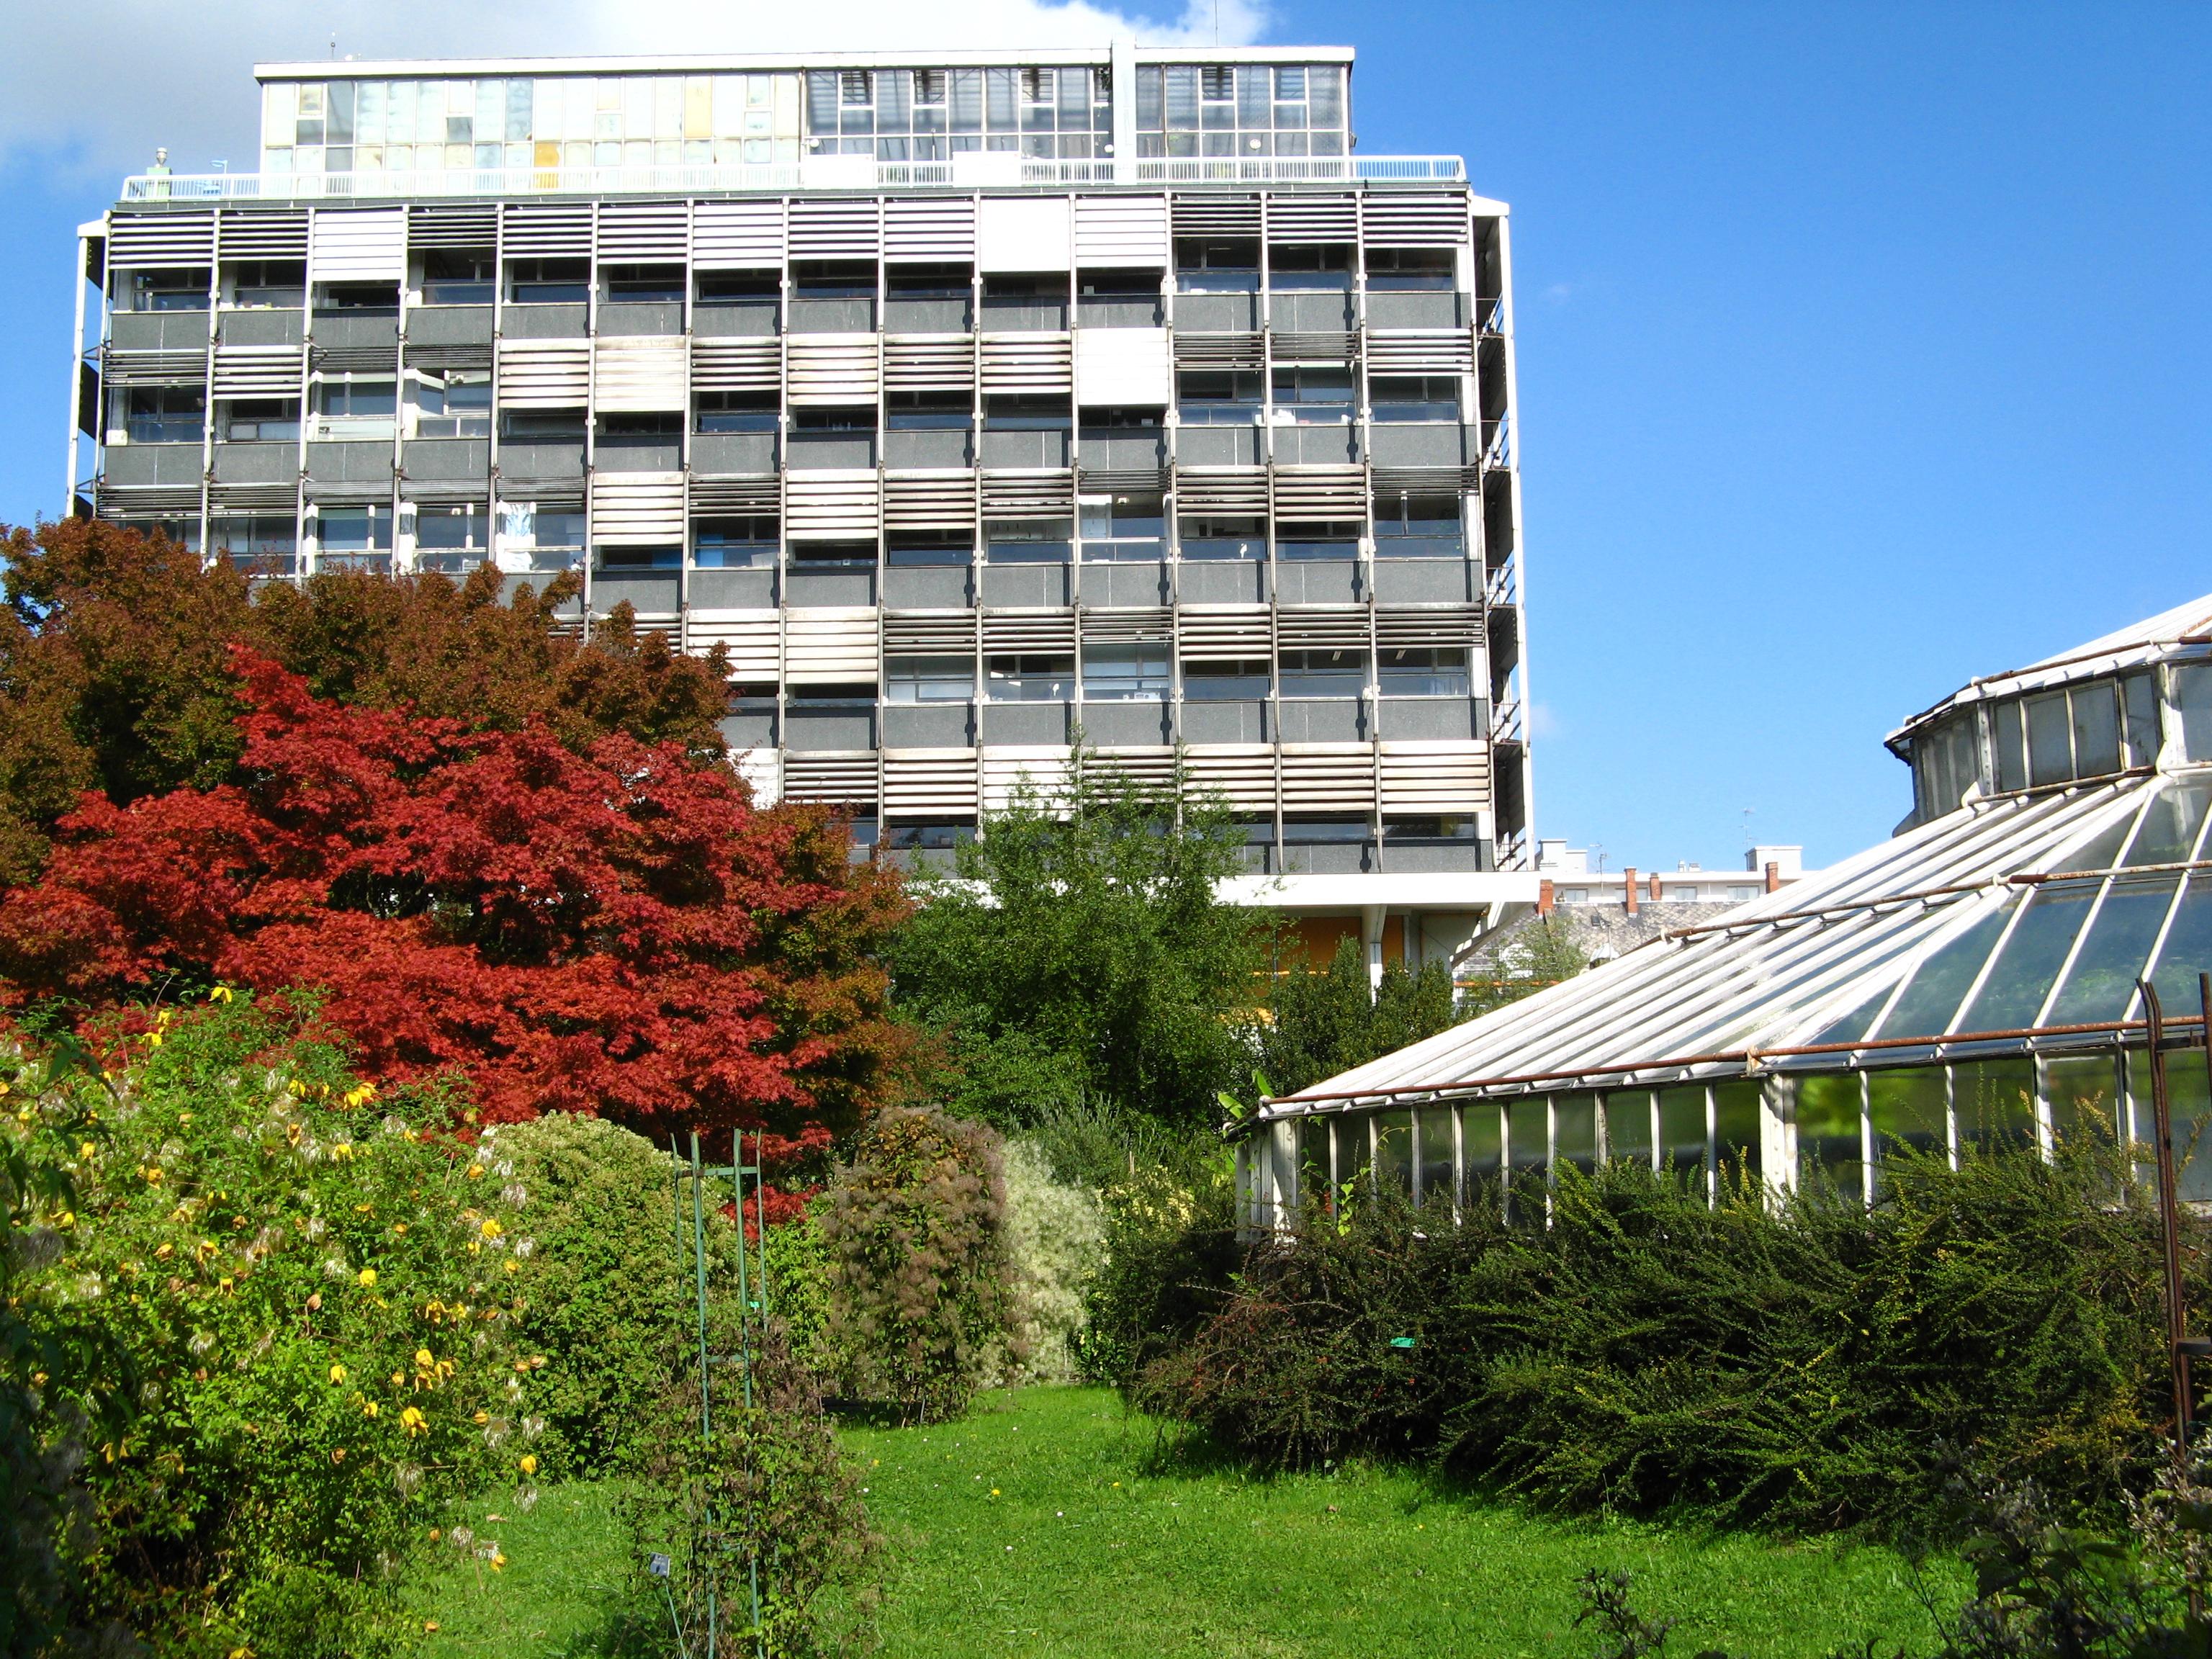 Jardin botanique de l Université de Strasbourg